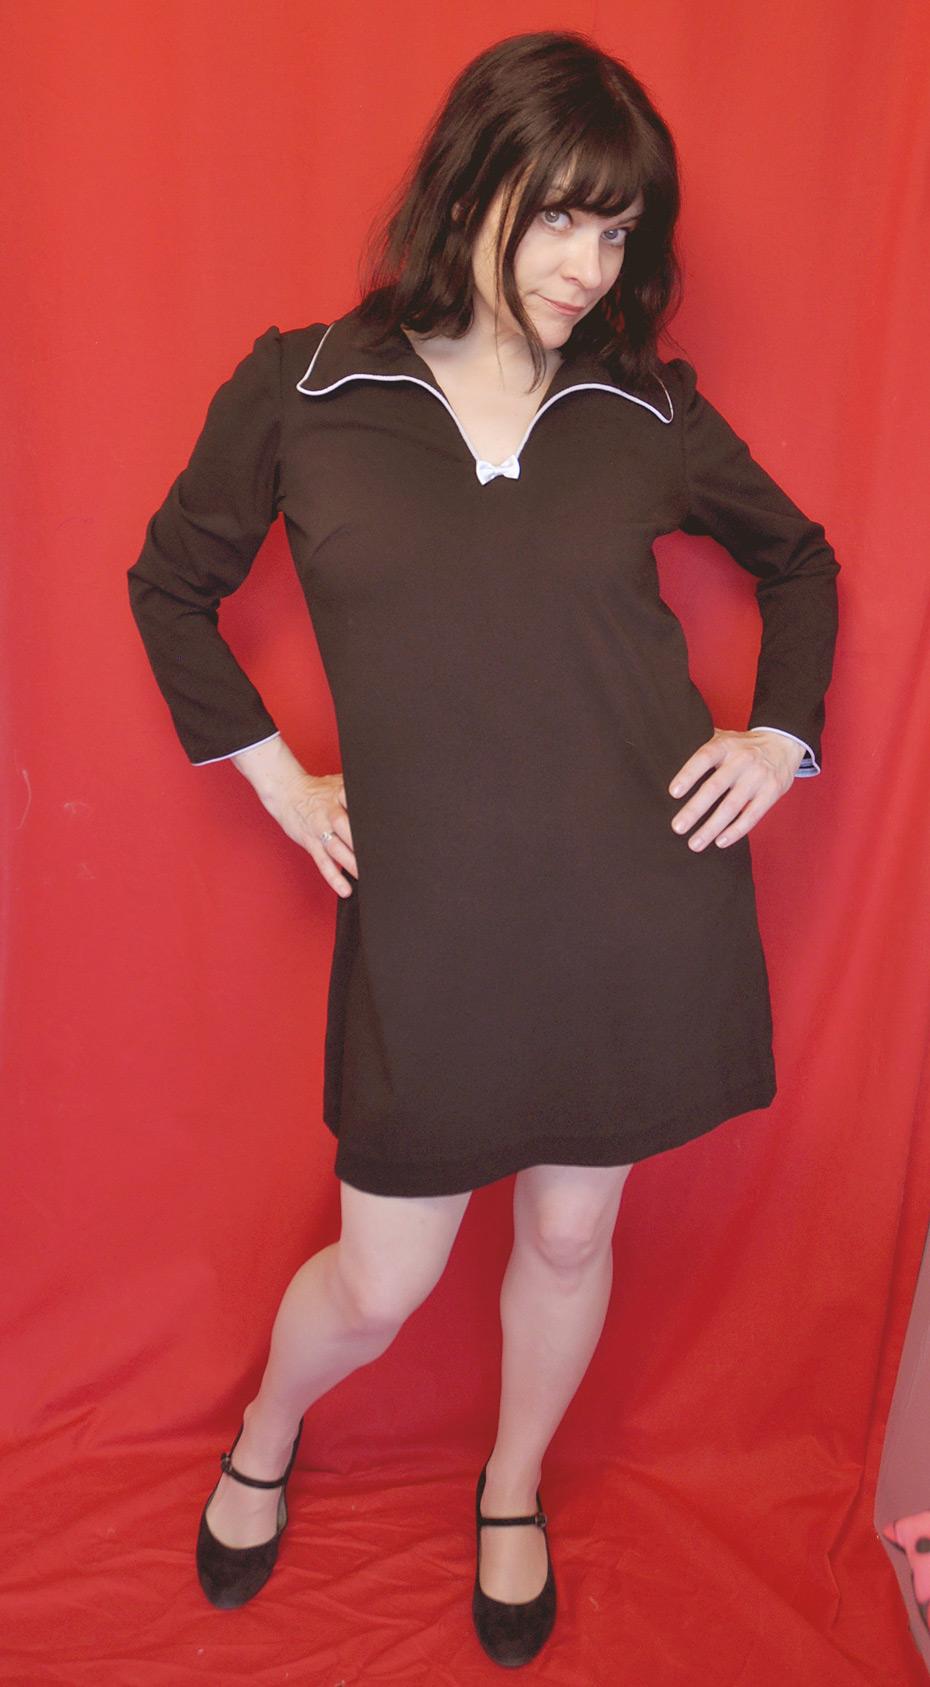 Mein selbstgemachter Kleiderschrank: Governess Dress, mein Lieblingskleid